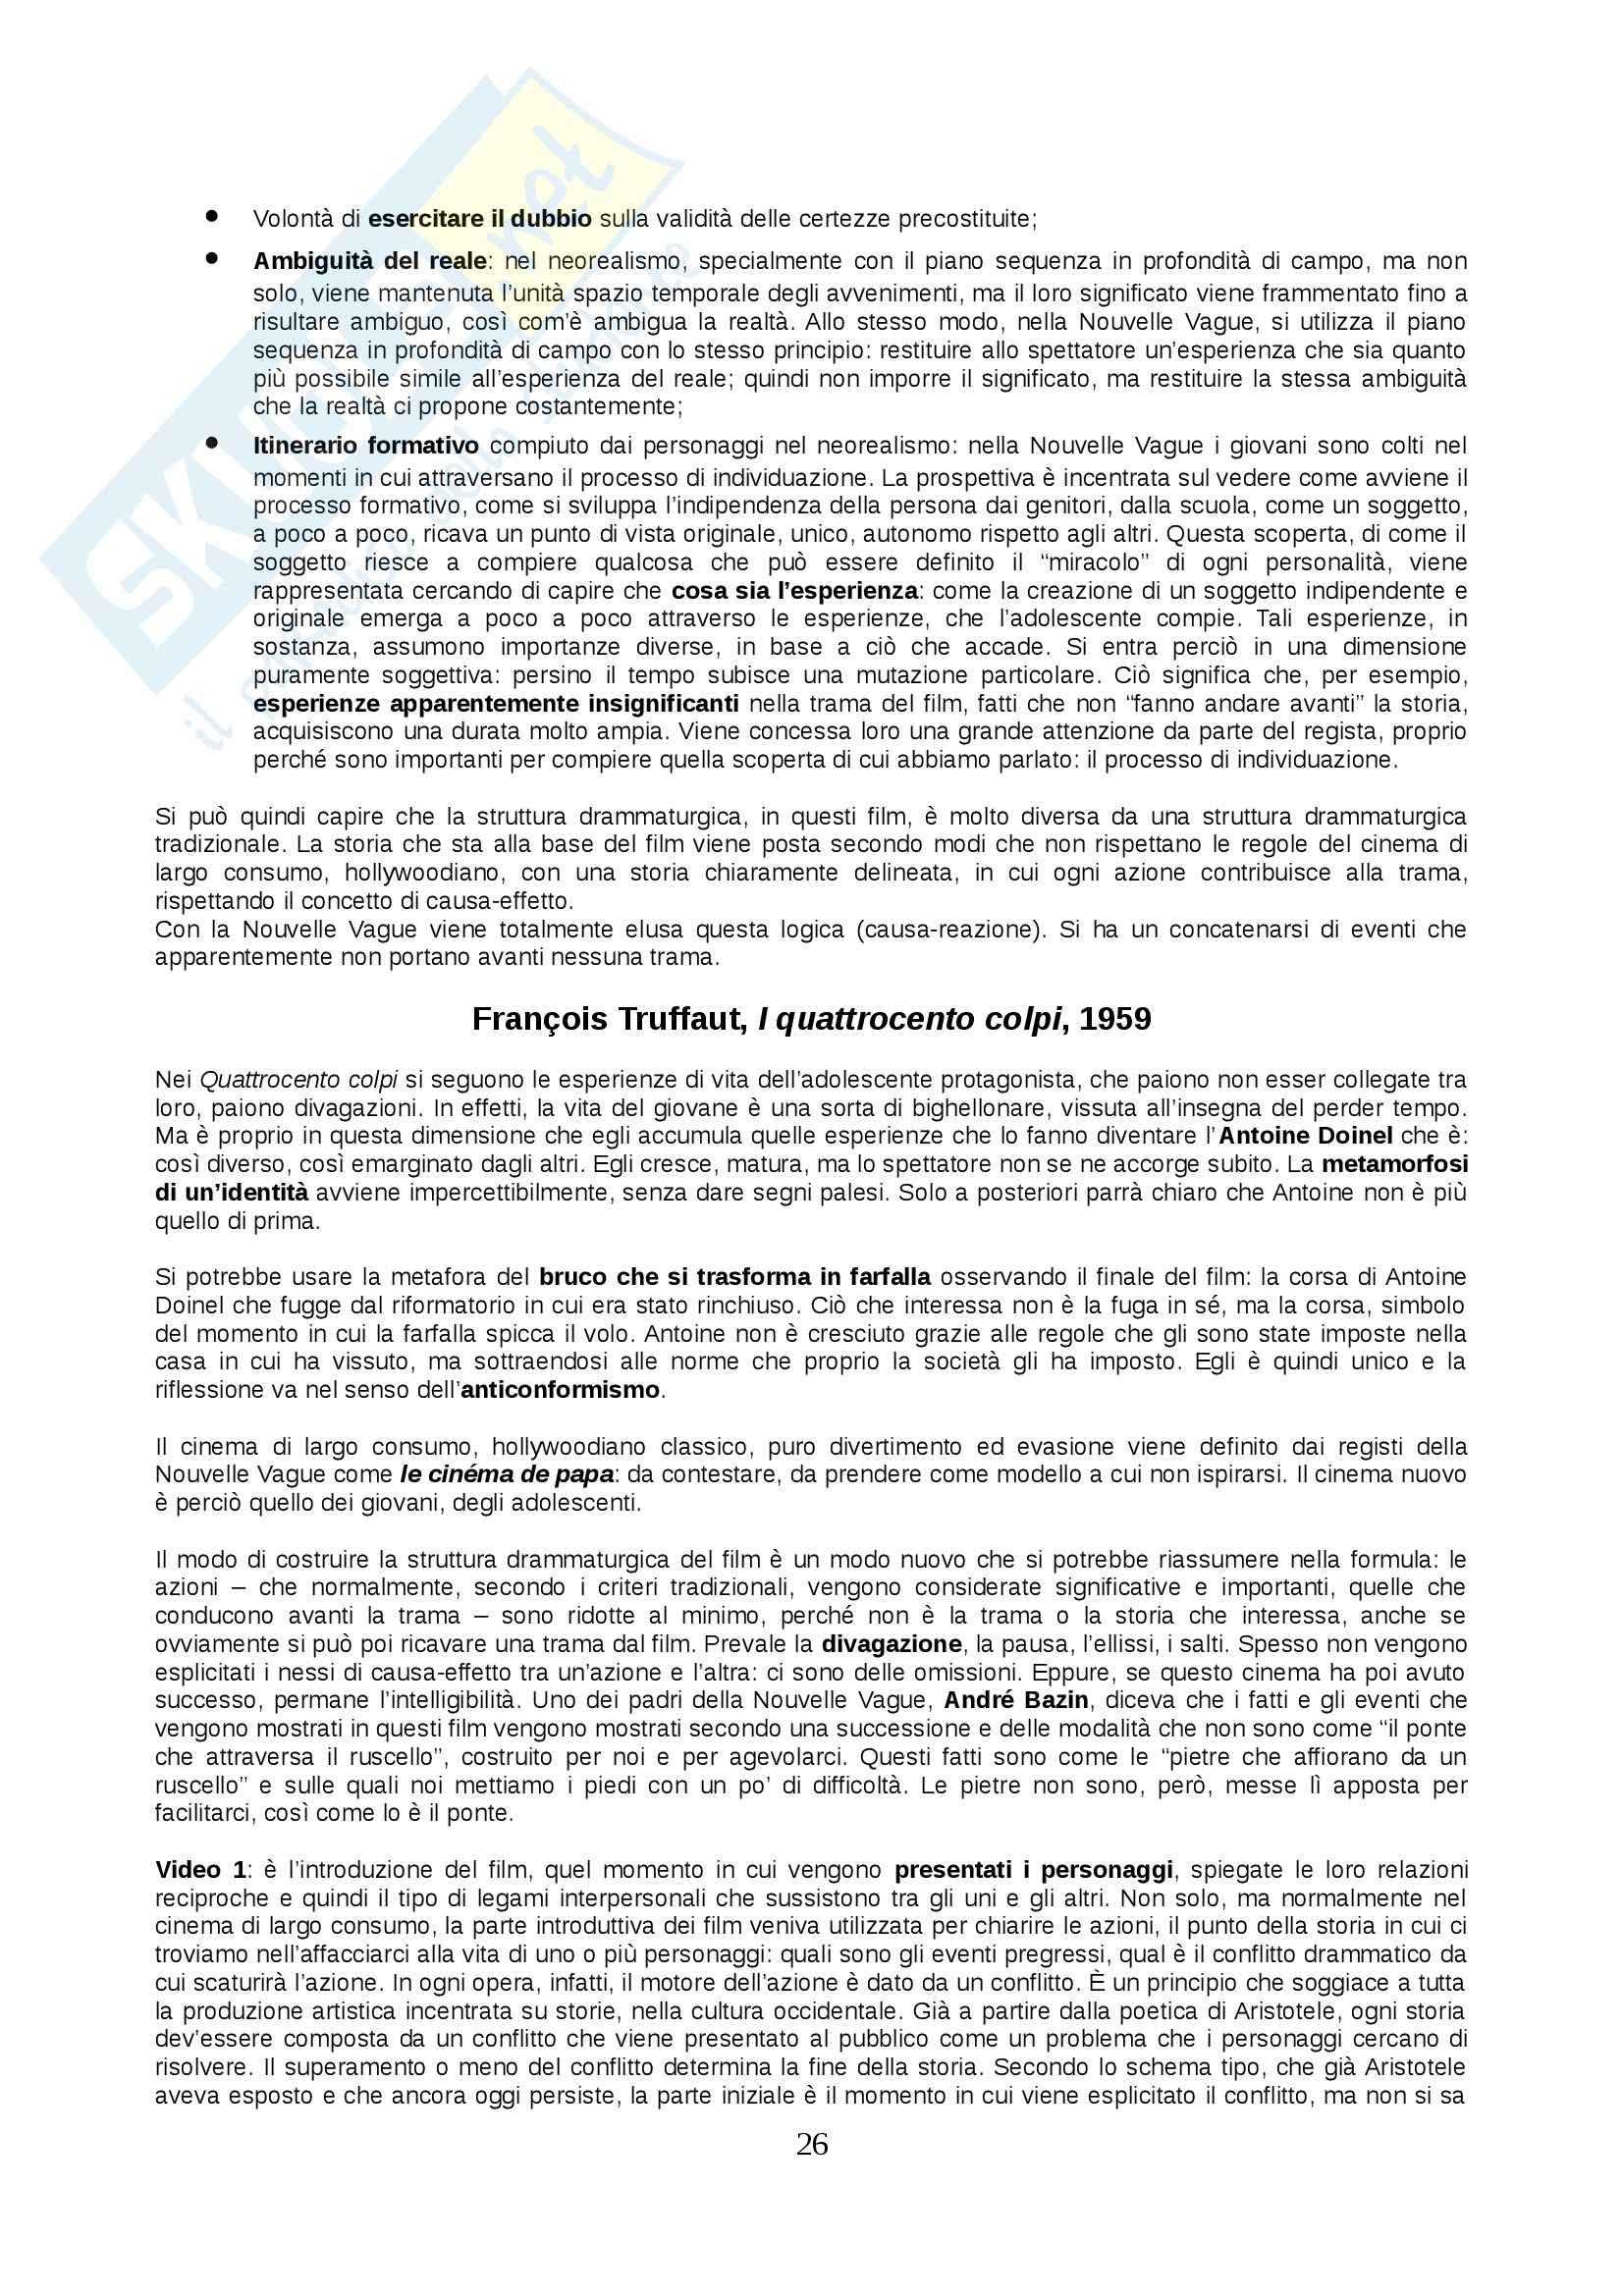 Lezioni, Storia ed estetica del cinema Pag. 26